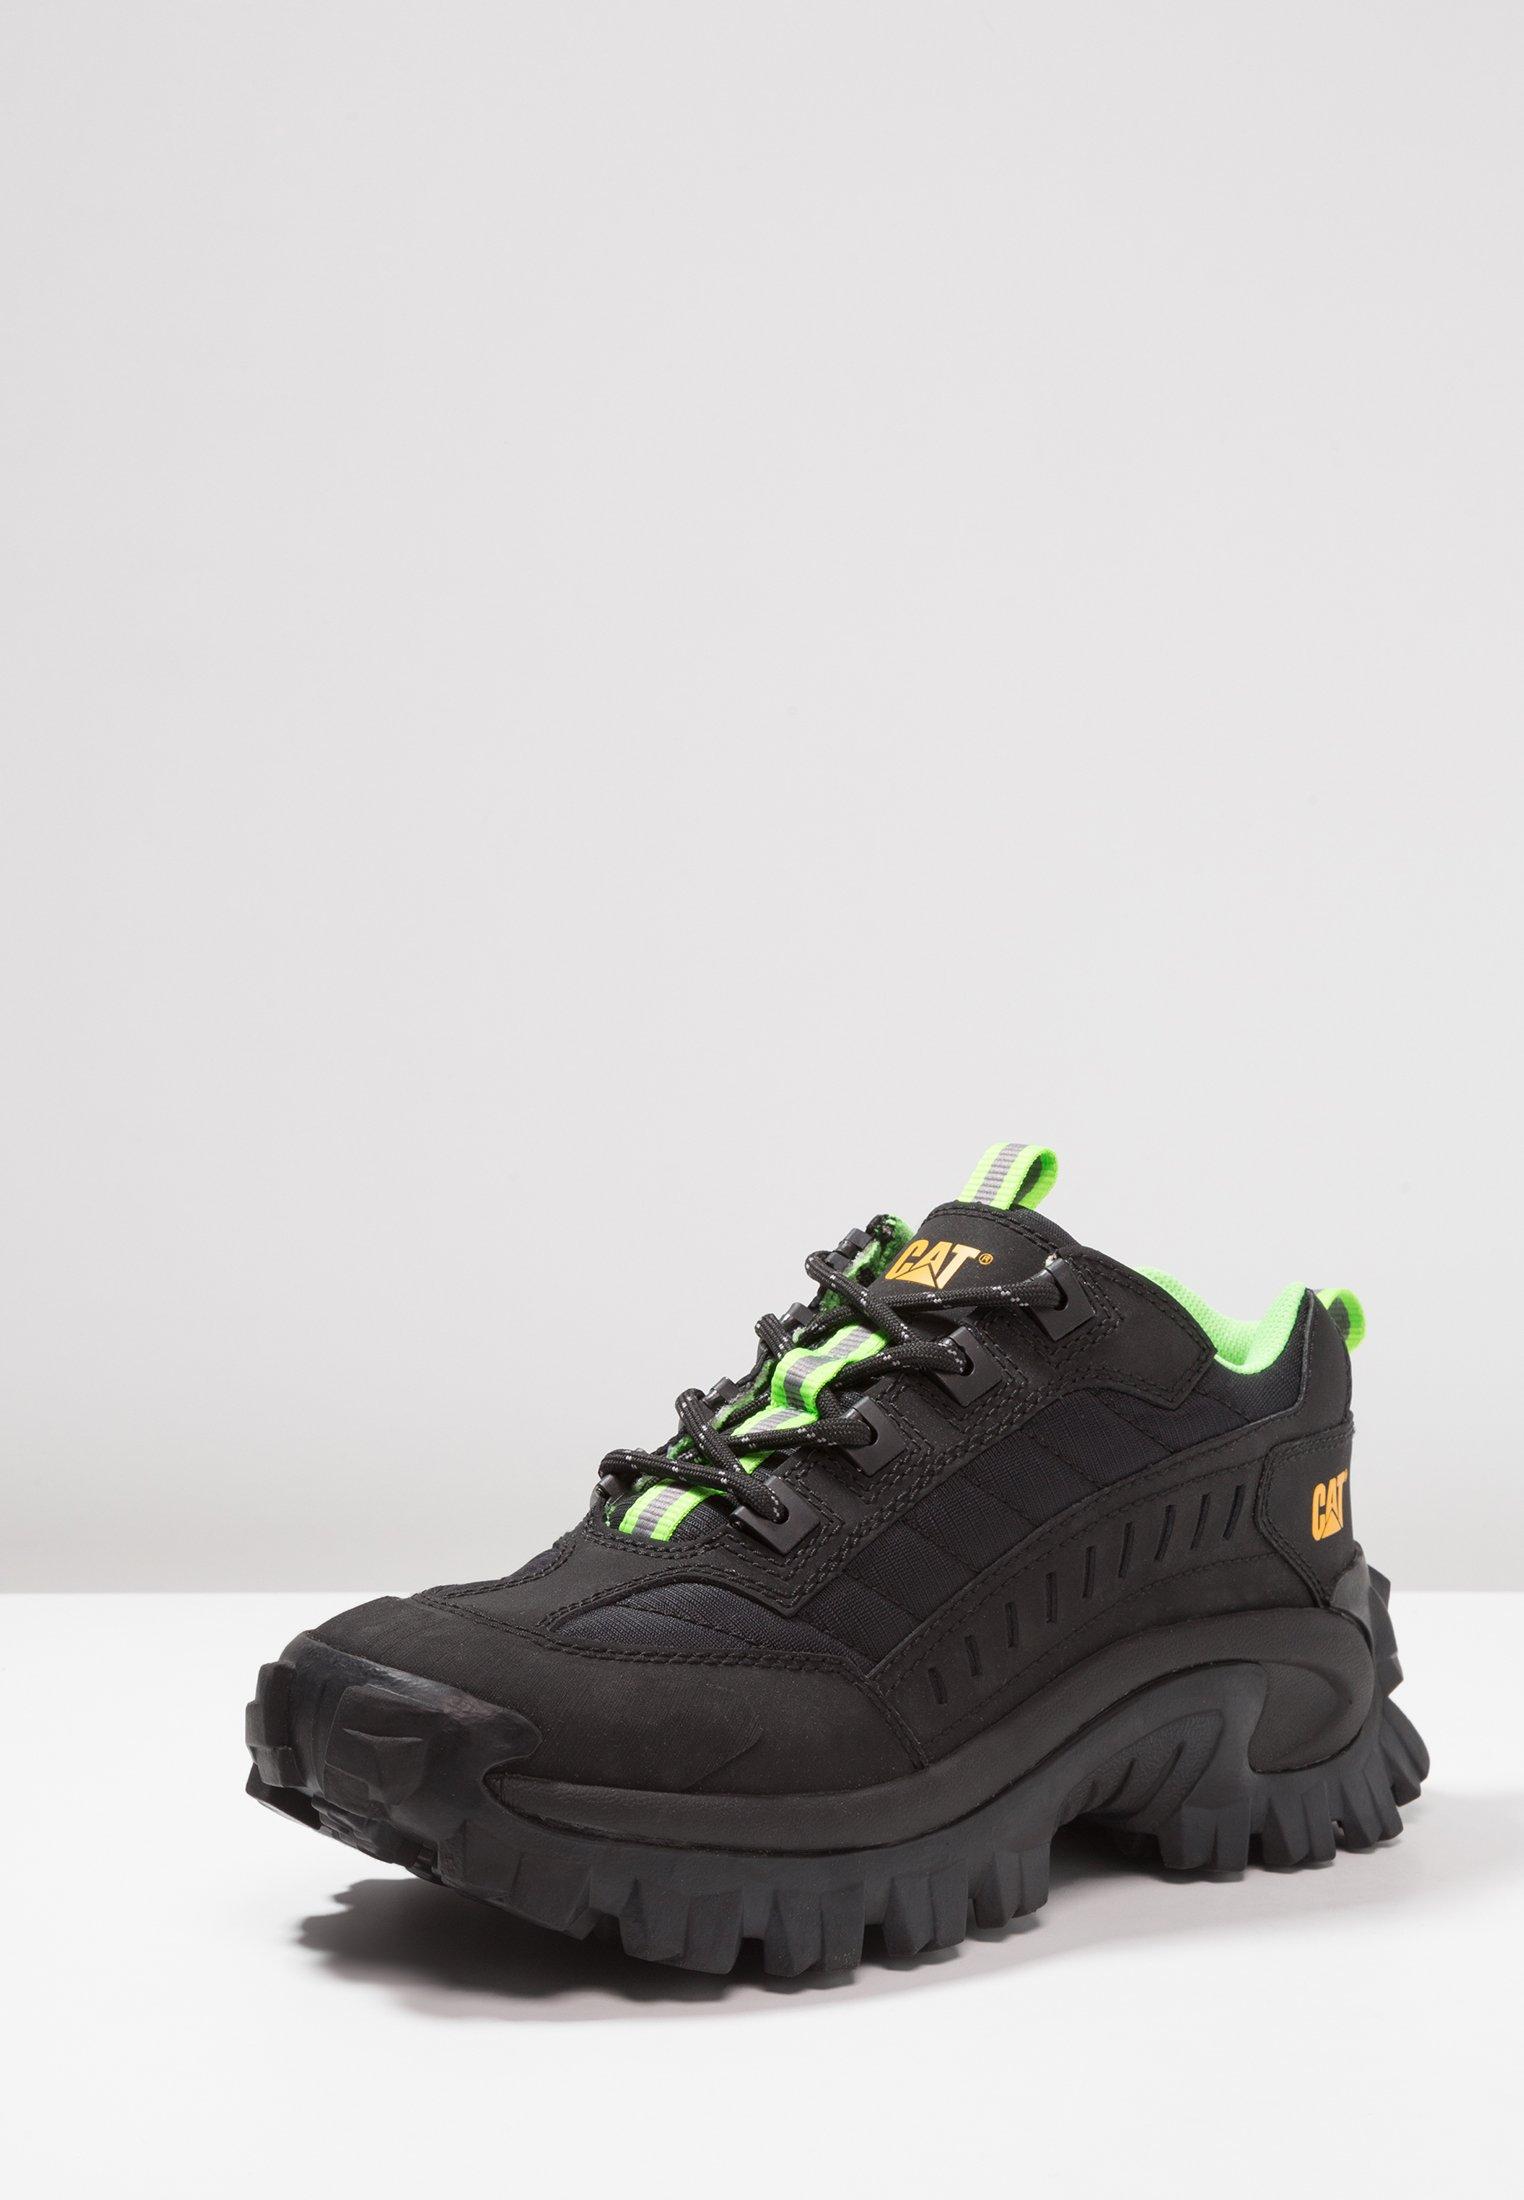 Cat Footwear Intruder - Sneaker Low Black Friday